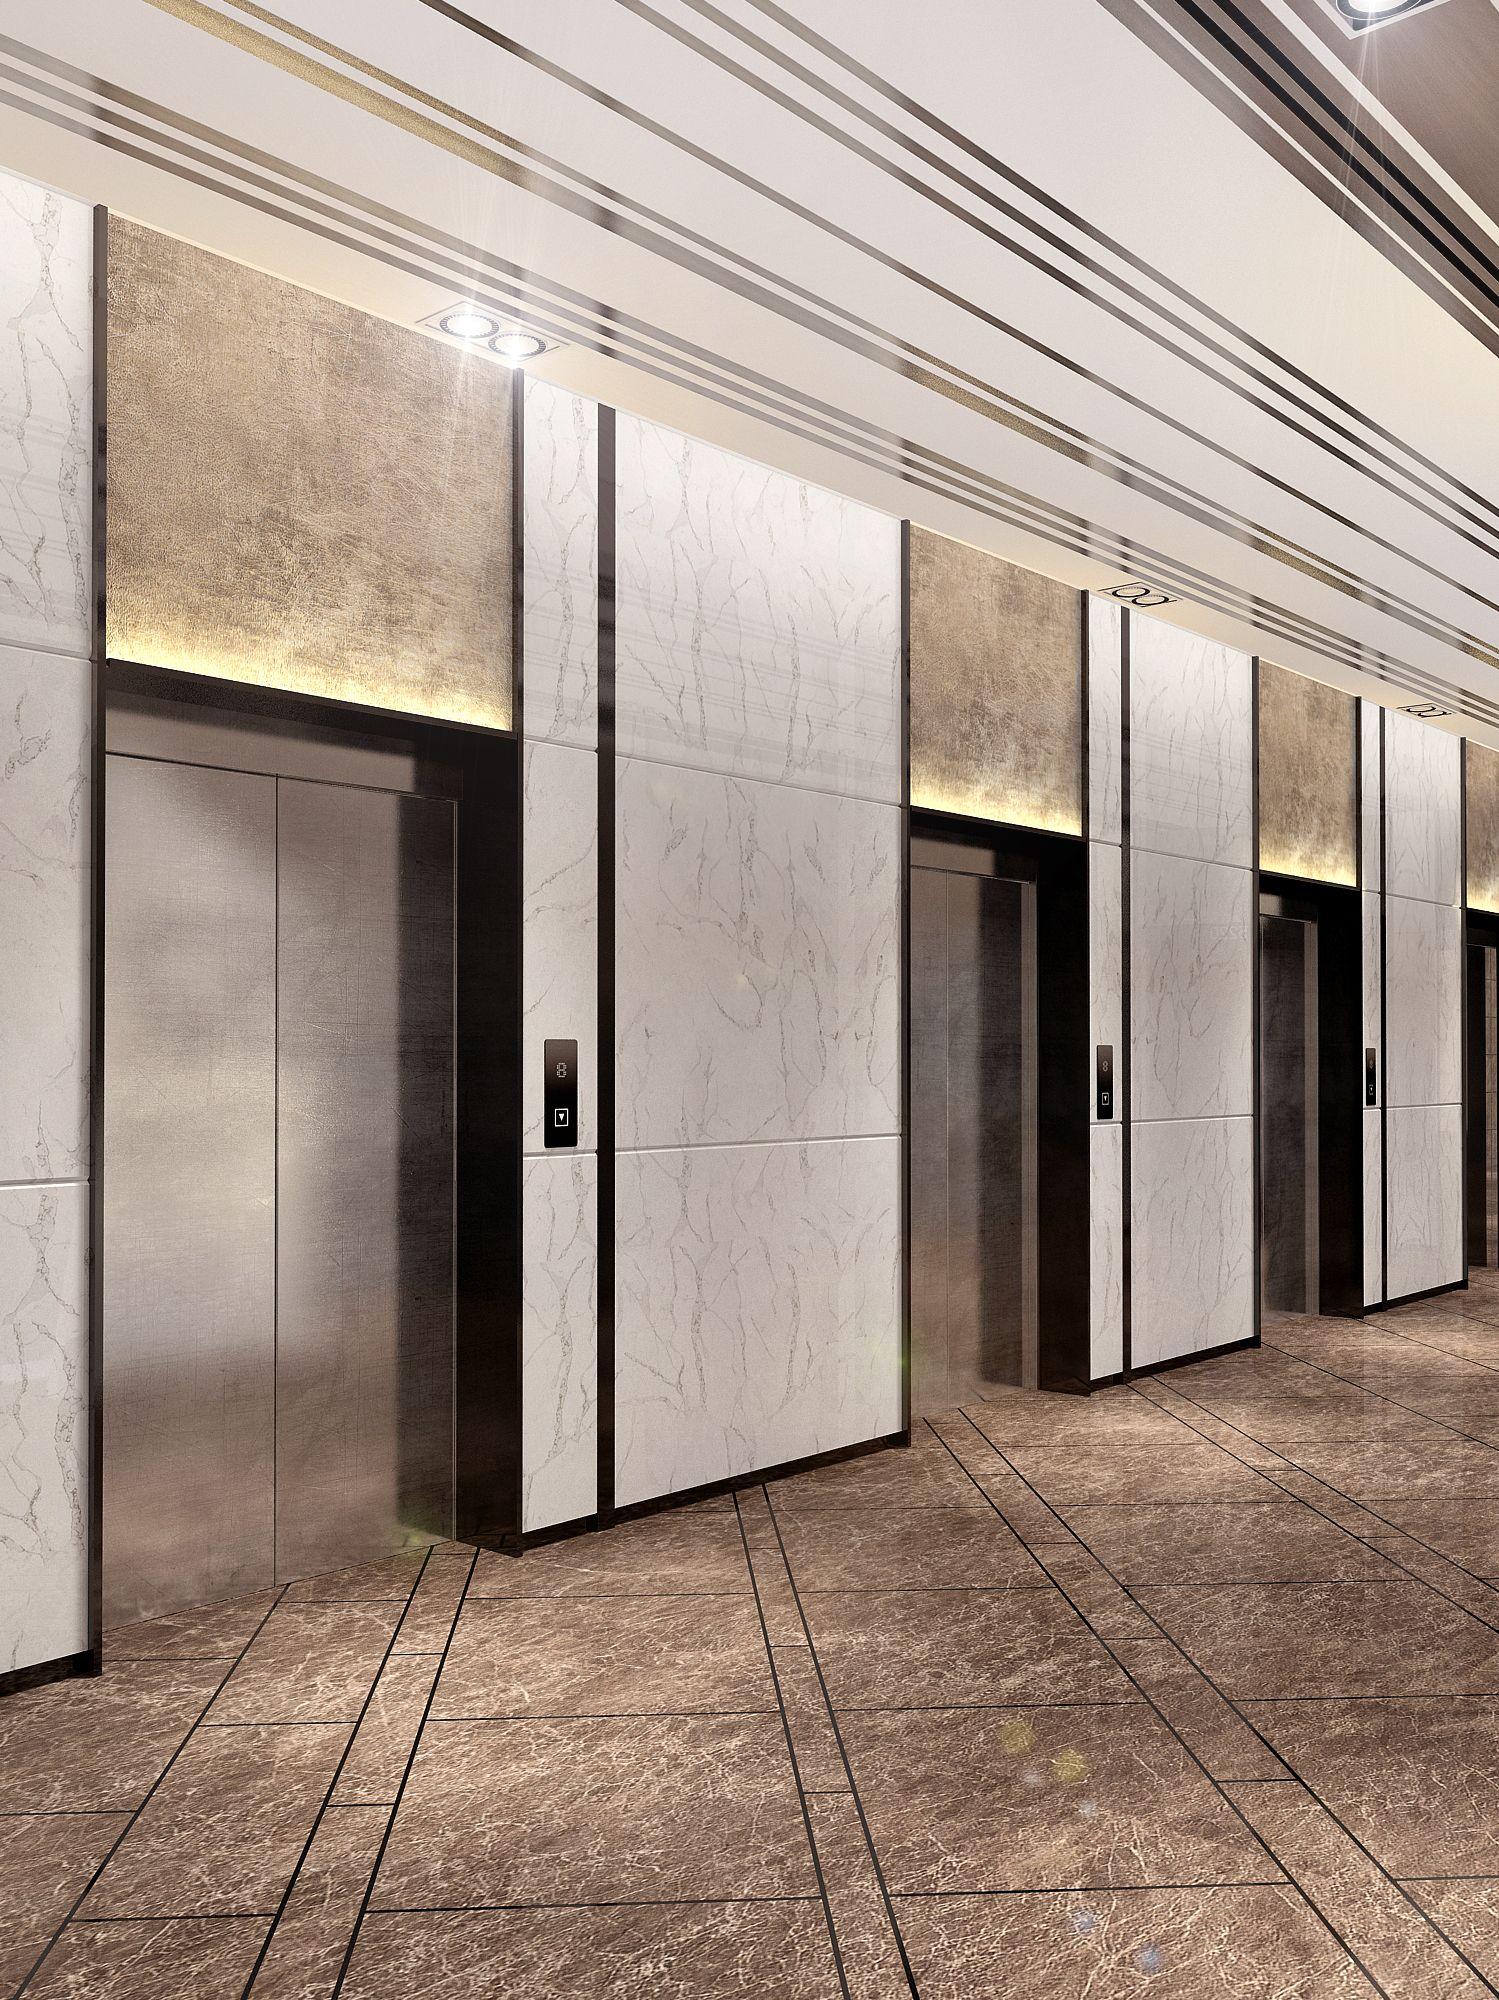 Pin by TIFFANY Sim on Lift Car & Lobby in 2019   Elevator ...